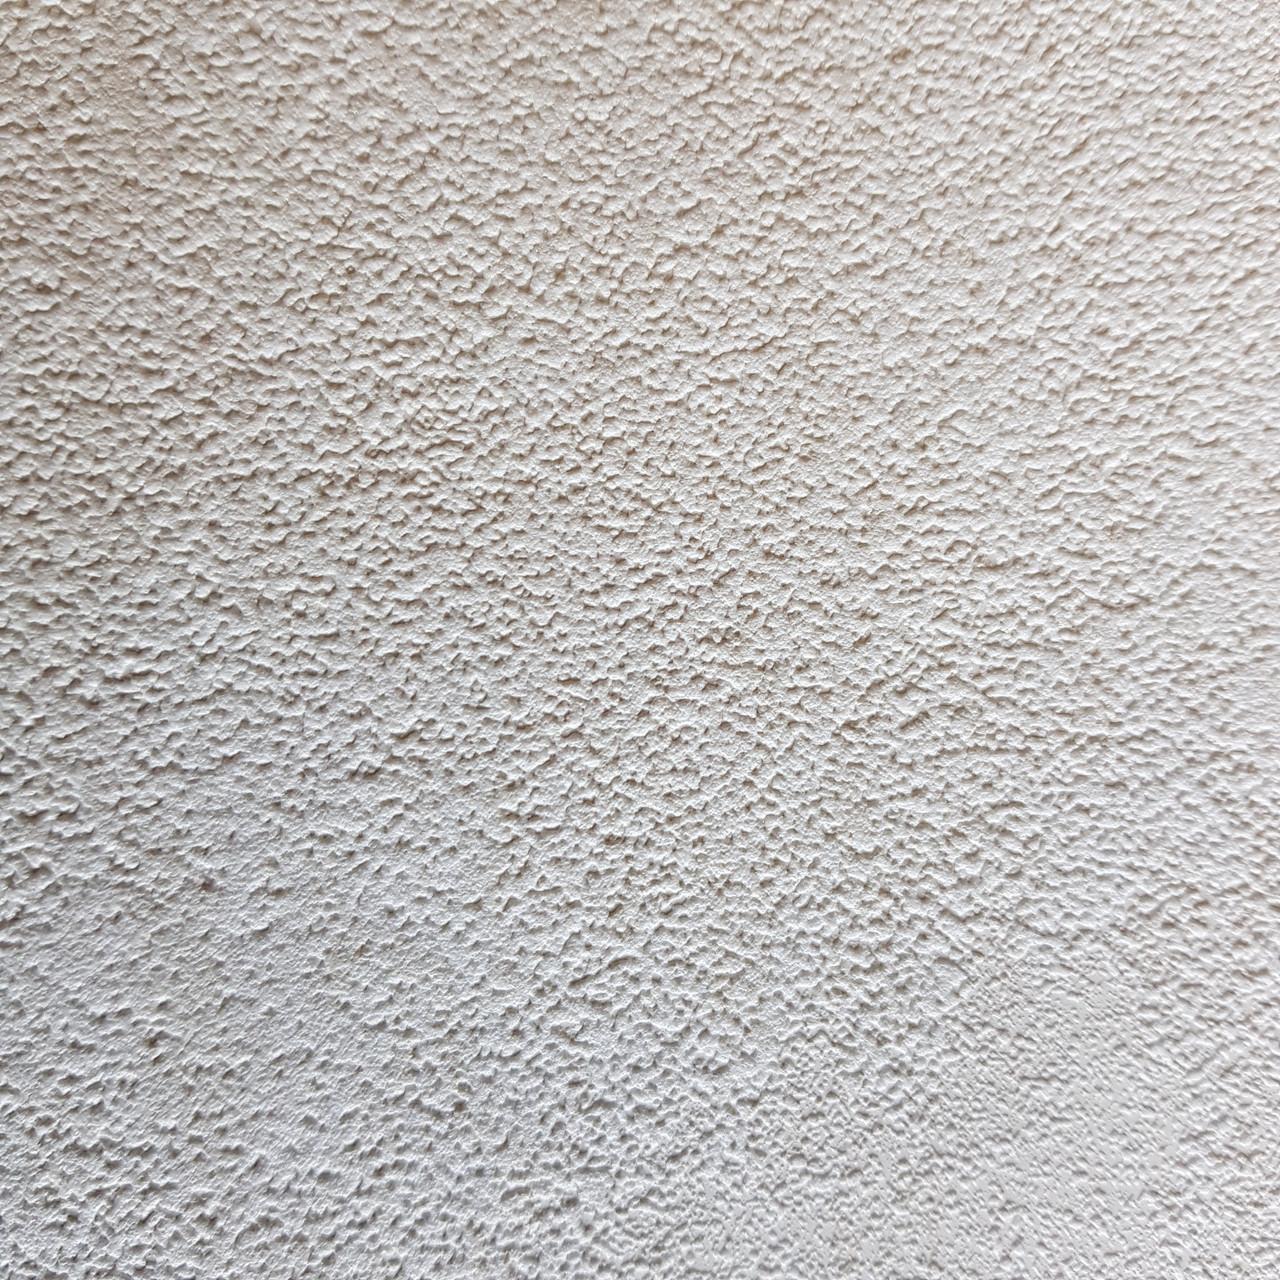 Обои виниловые на флизелине Marburg  New Spirit Schoner Wohnen под штукатурку структурные бежевые